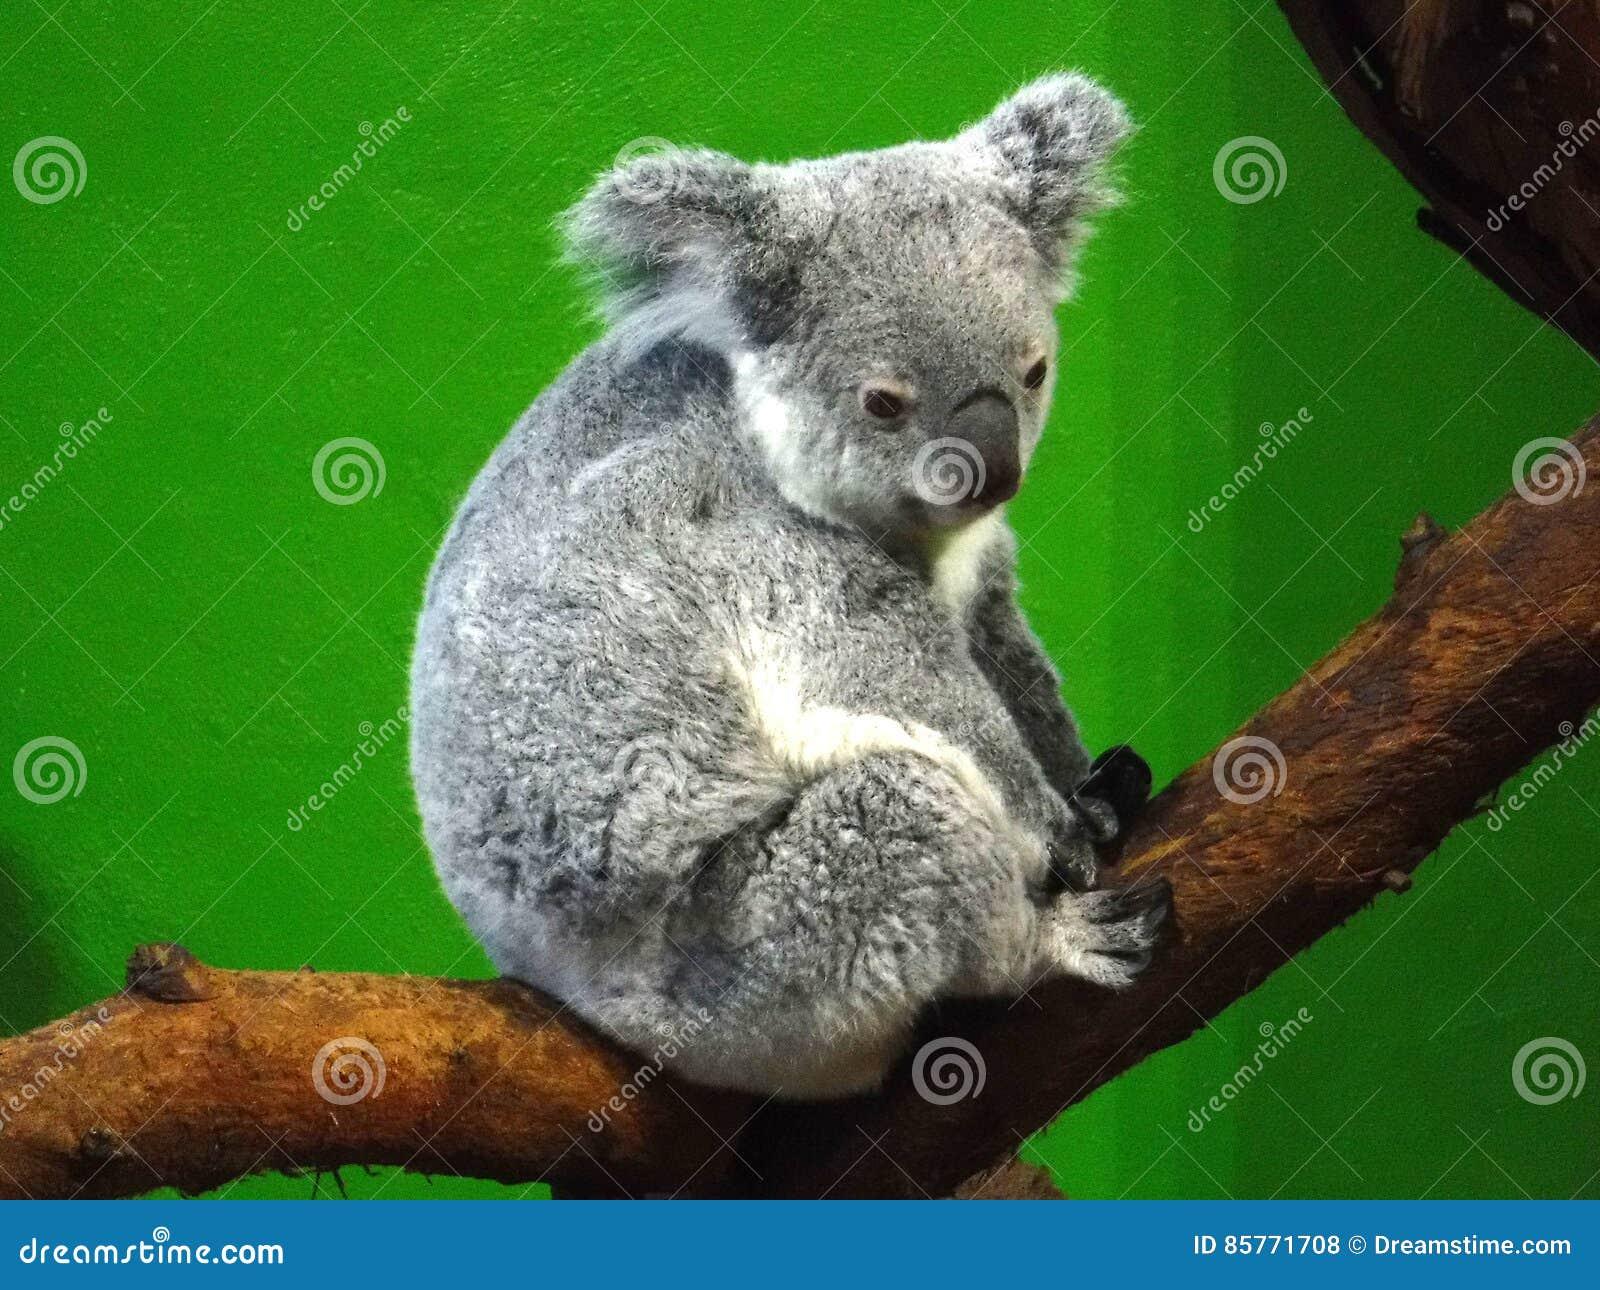 Koala Bear in Zoo